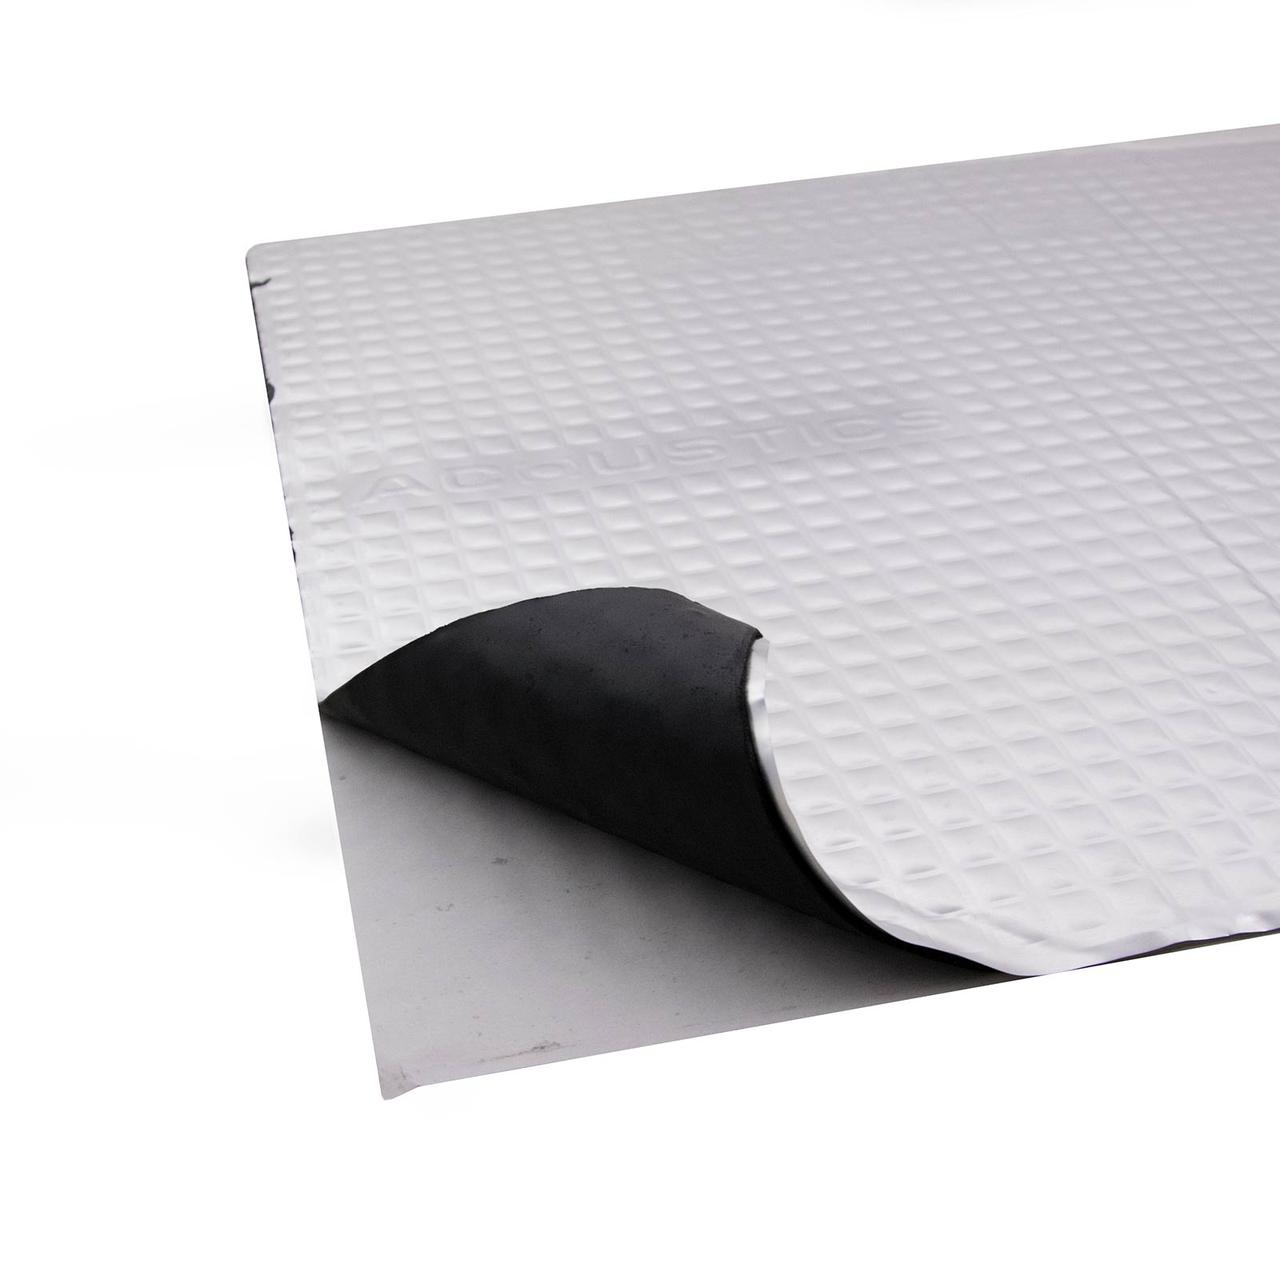 Віброізоляція для авто 700х500х4мм Acoustics (ac-profy-4)